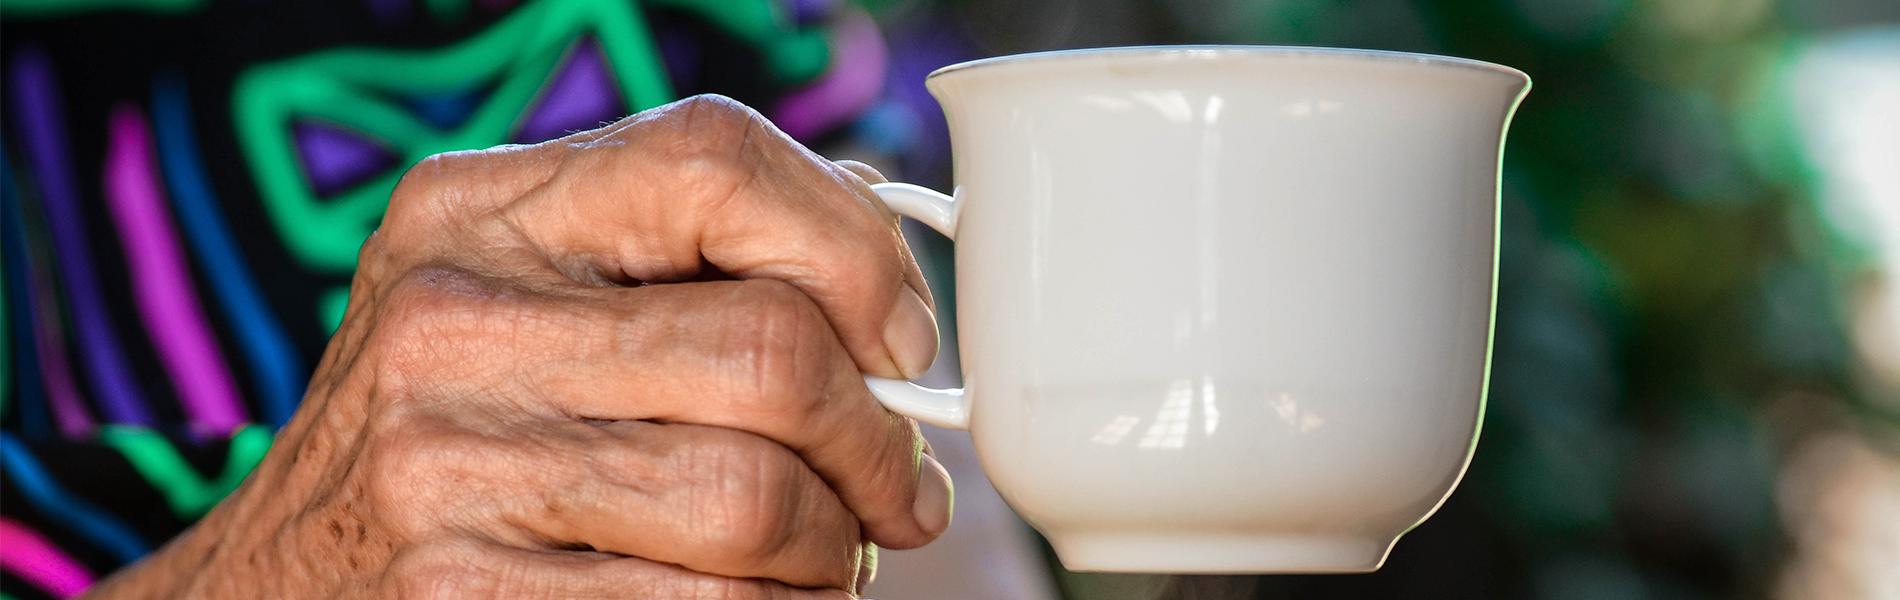 Foto em close up de idoso ou idosa segurando xícara de porcelana